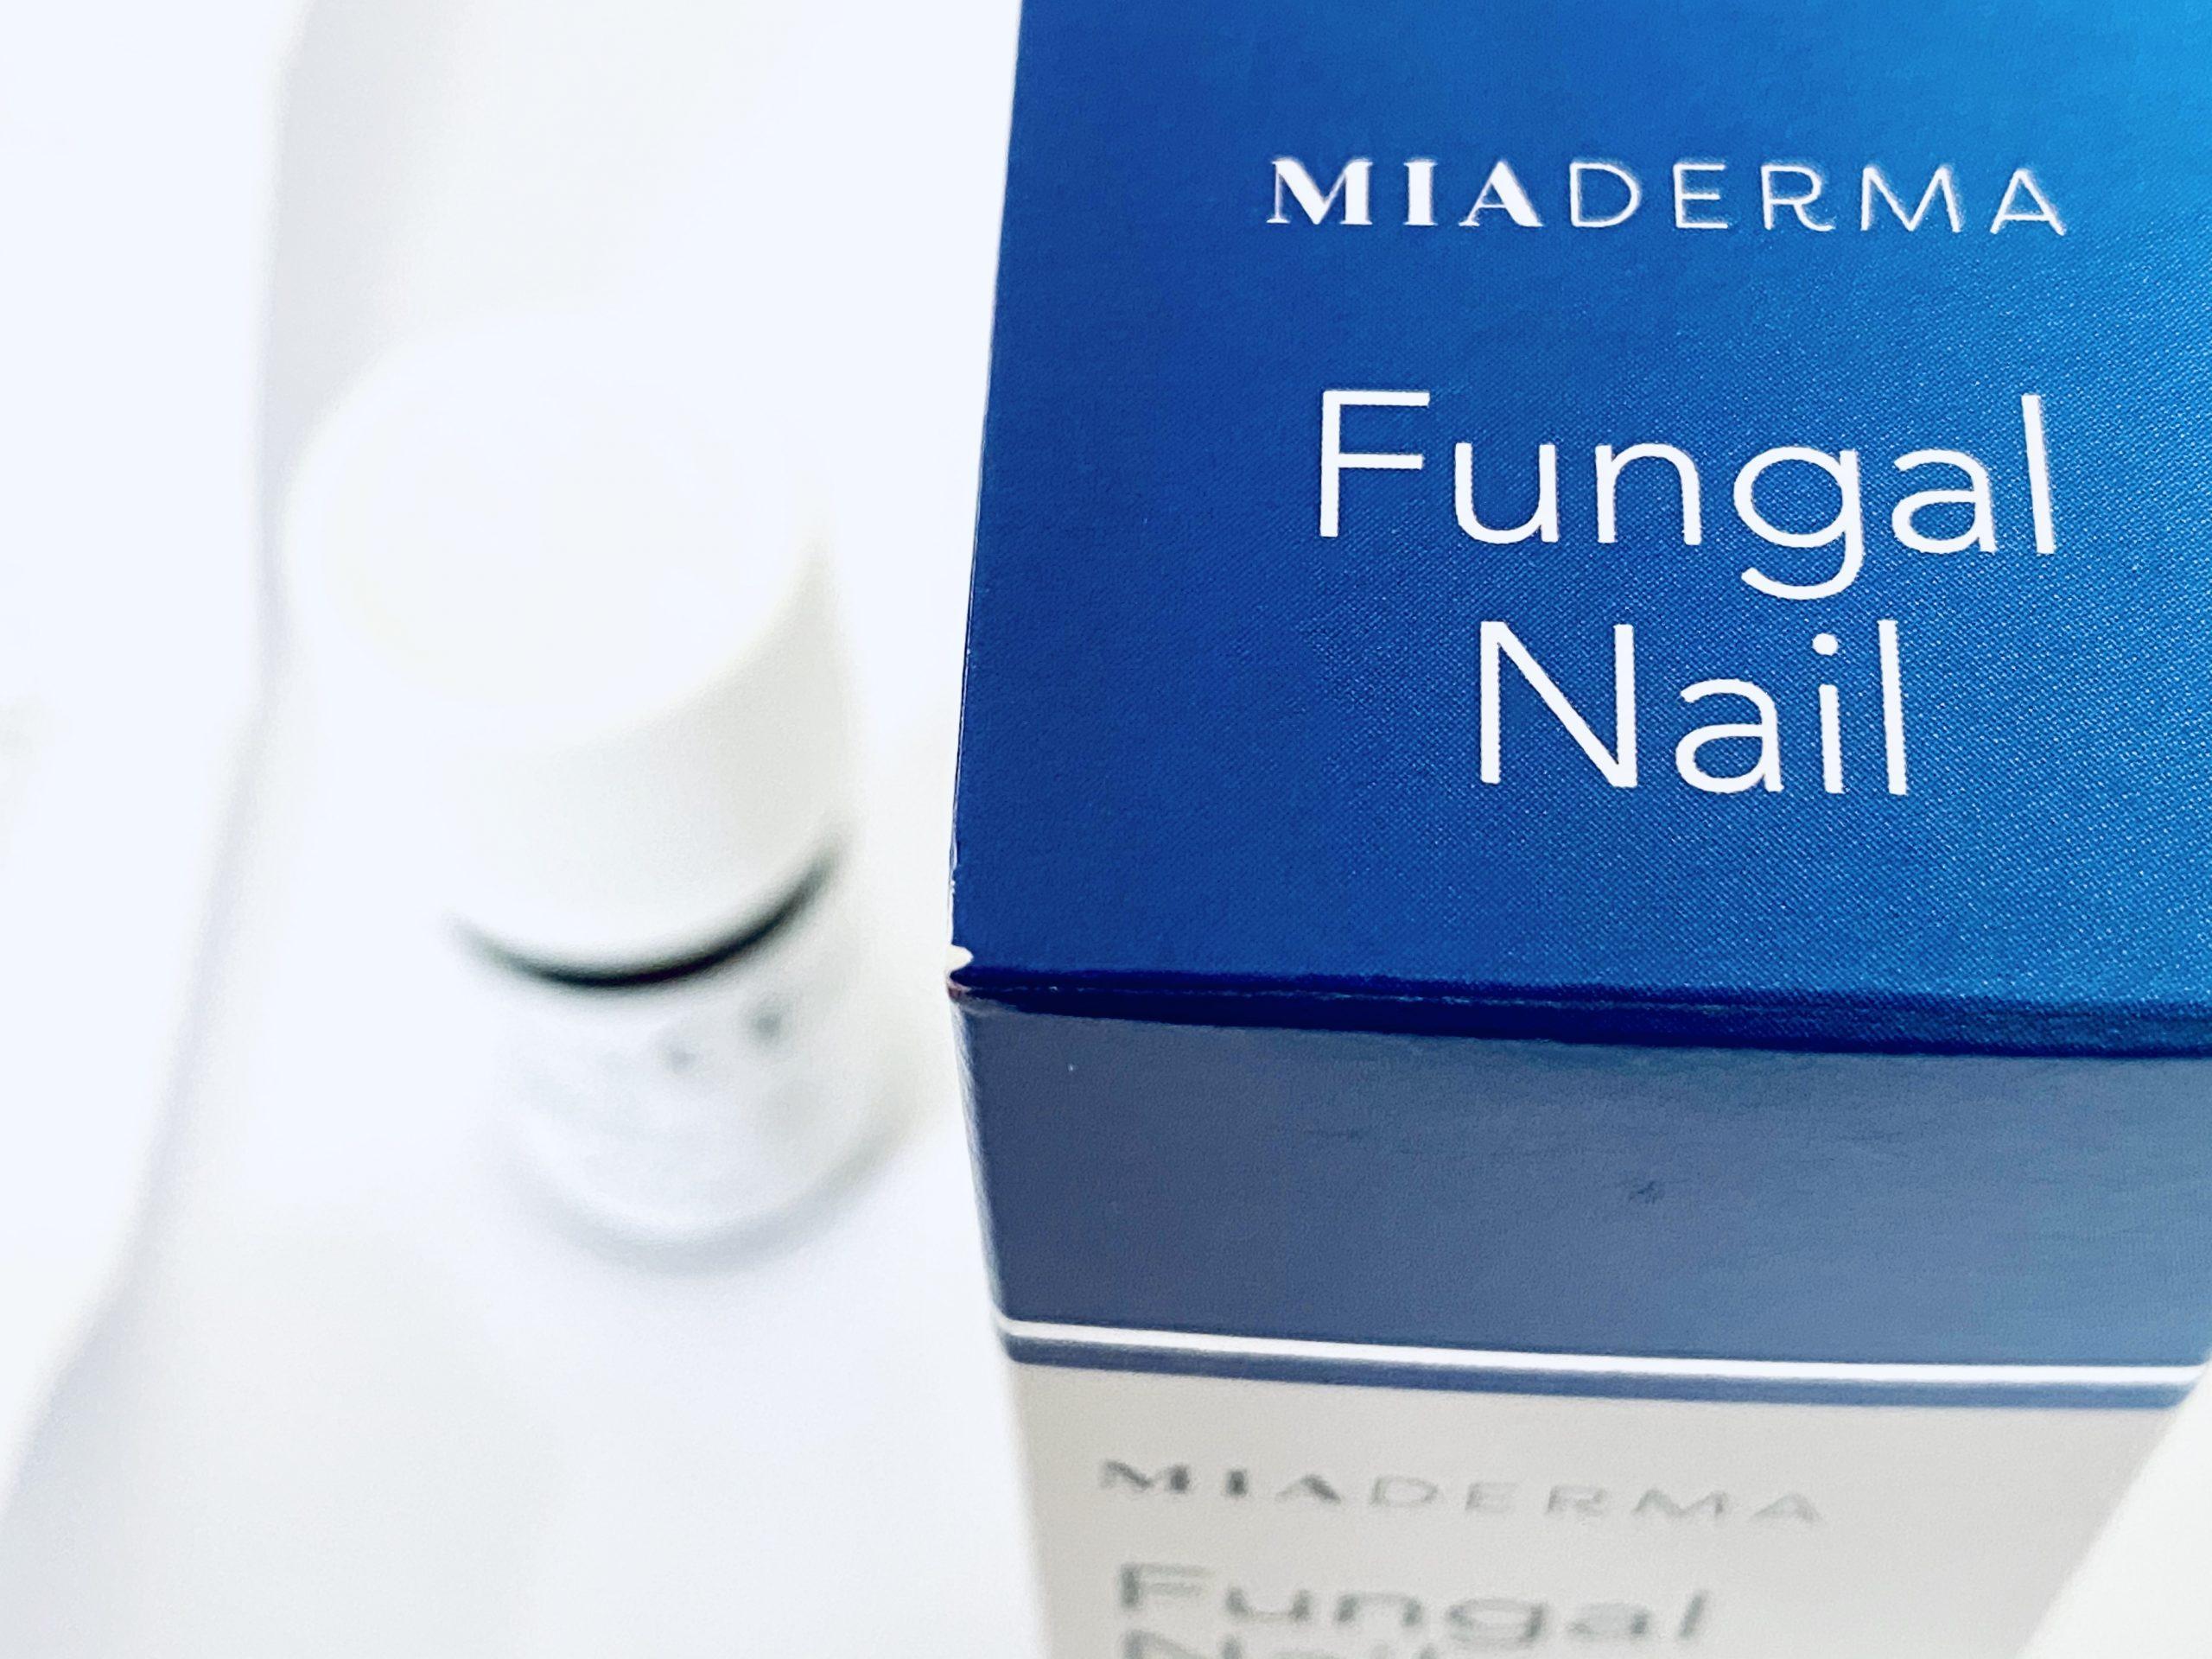 Miaderma Fungal Nail